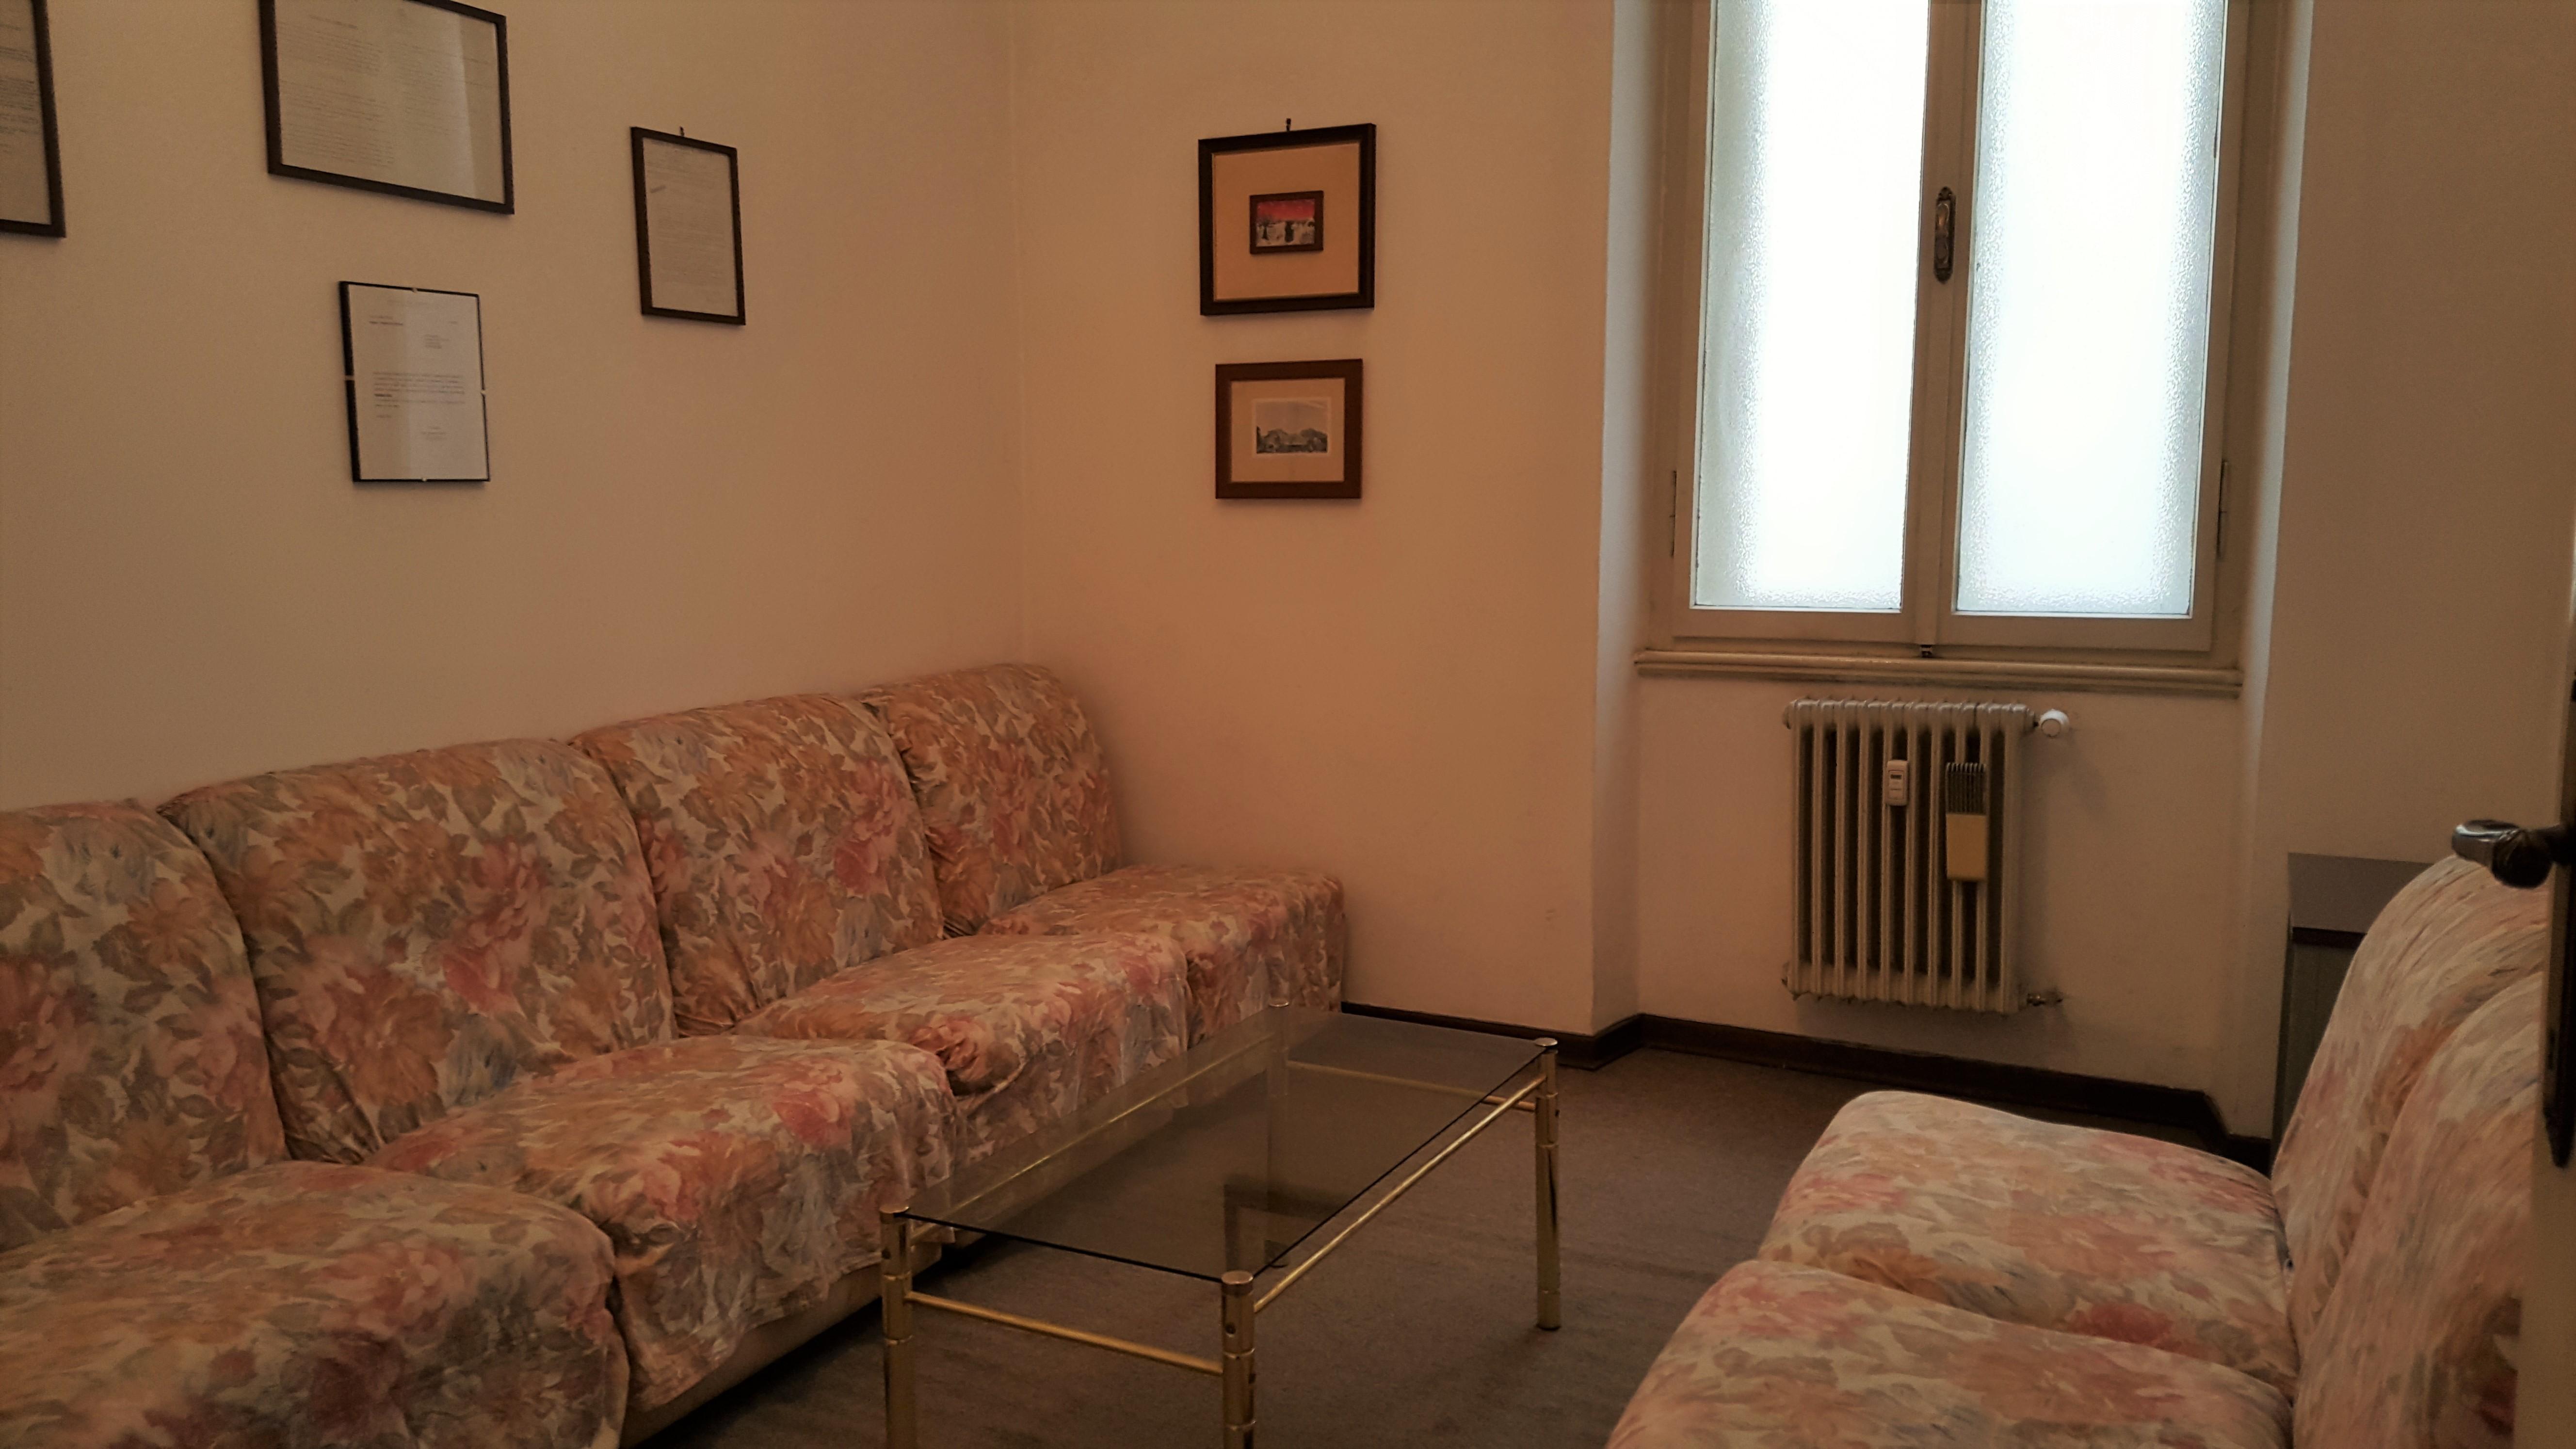 Interni dello Studio a Trieste